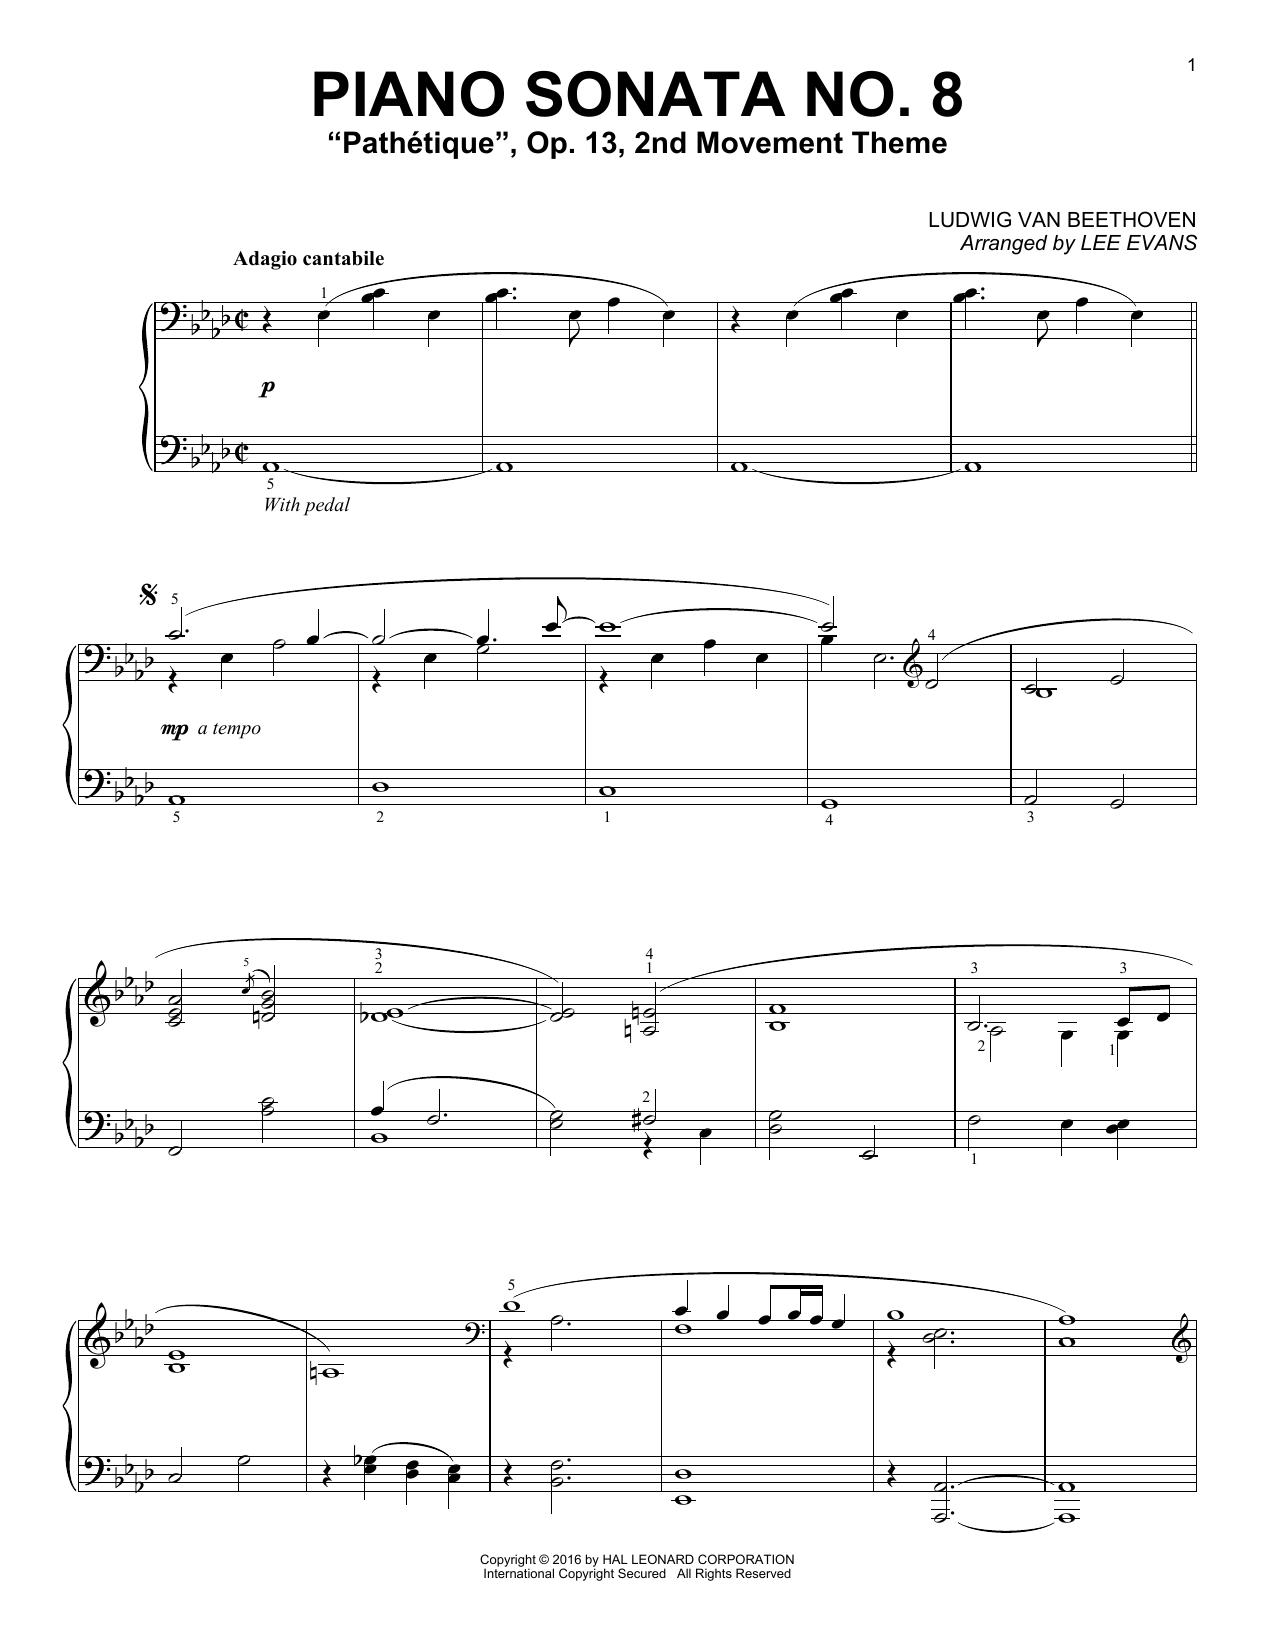 Download Lee Evans 'Piano Sonata No. 8, Op. 13 (